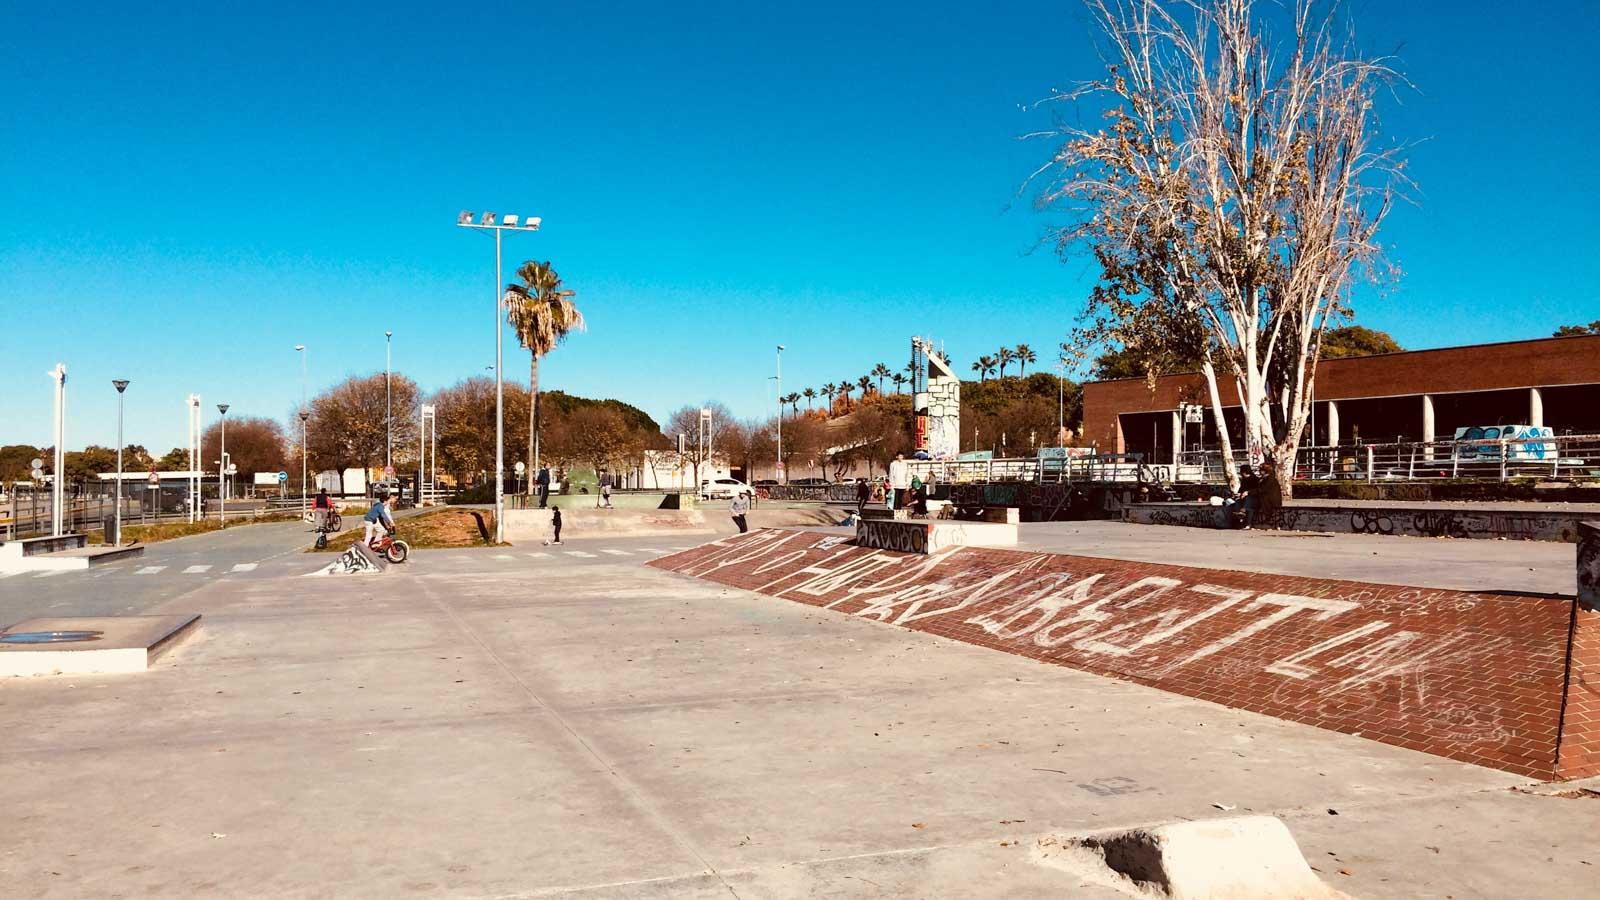 seville skate park